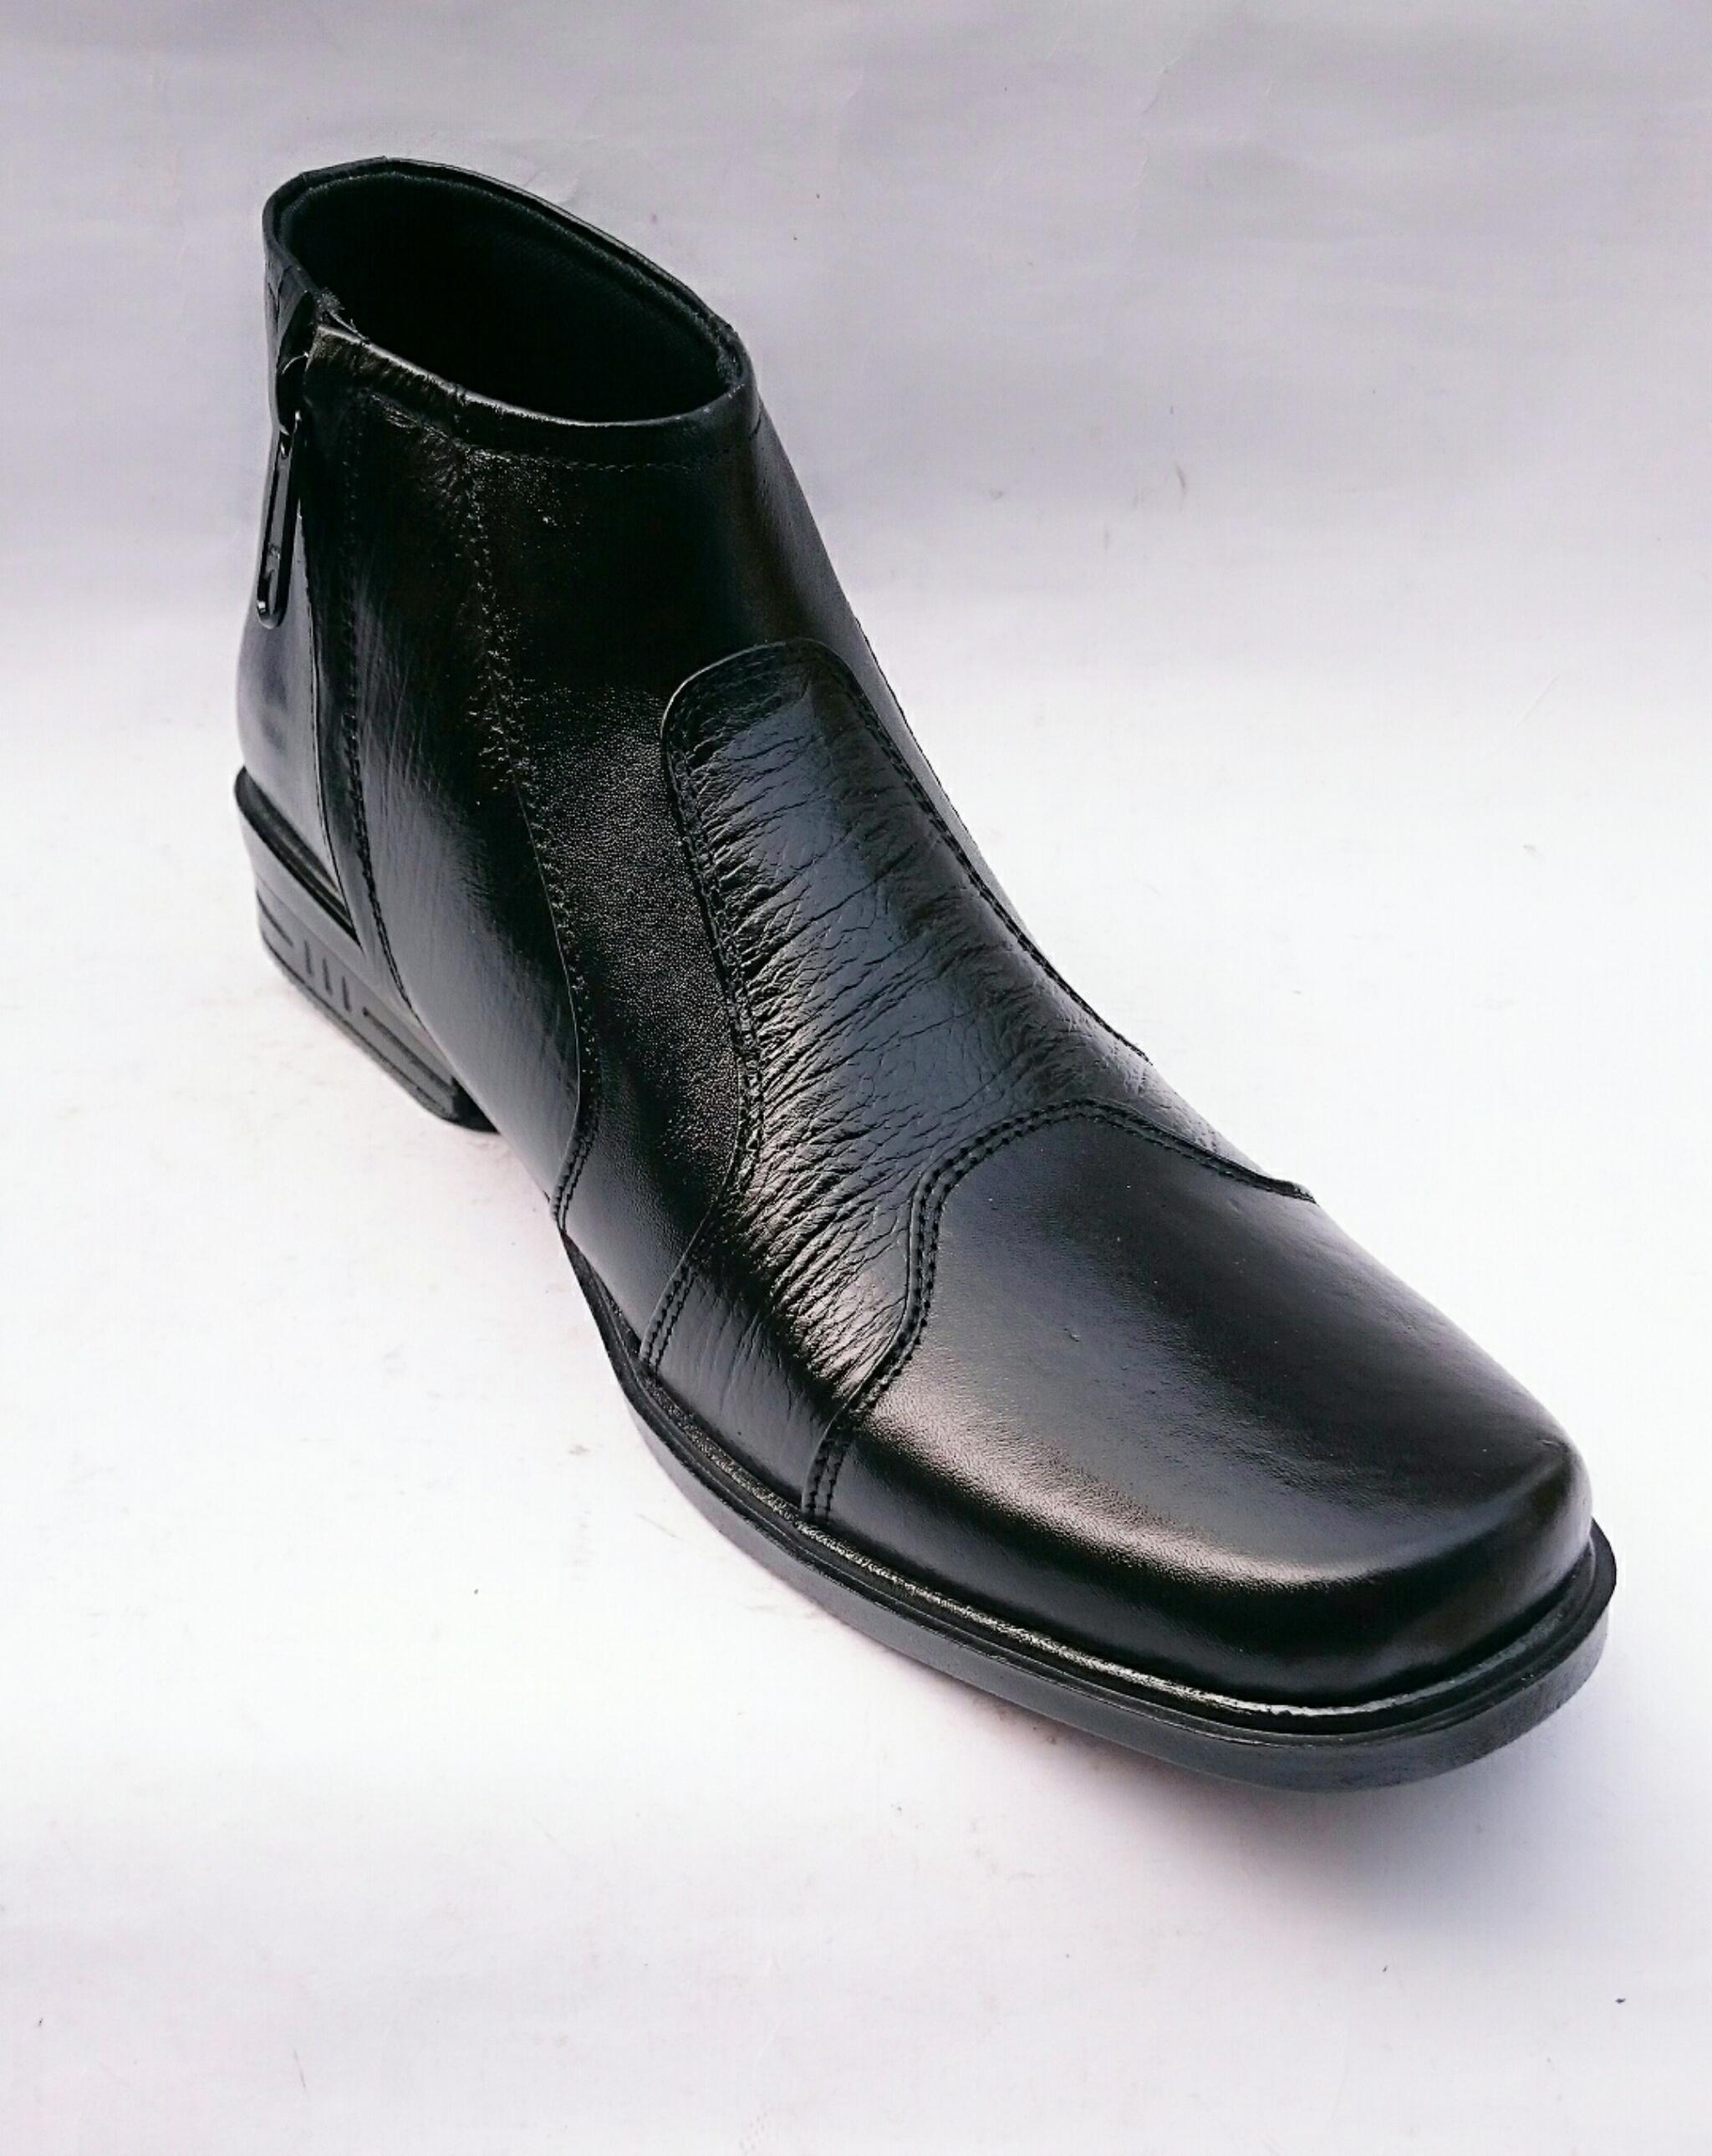 Jual Rasheda Sepatu Pdh Boot Pria Formal Kulit Asli K 20  2f8428a5d4